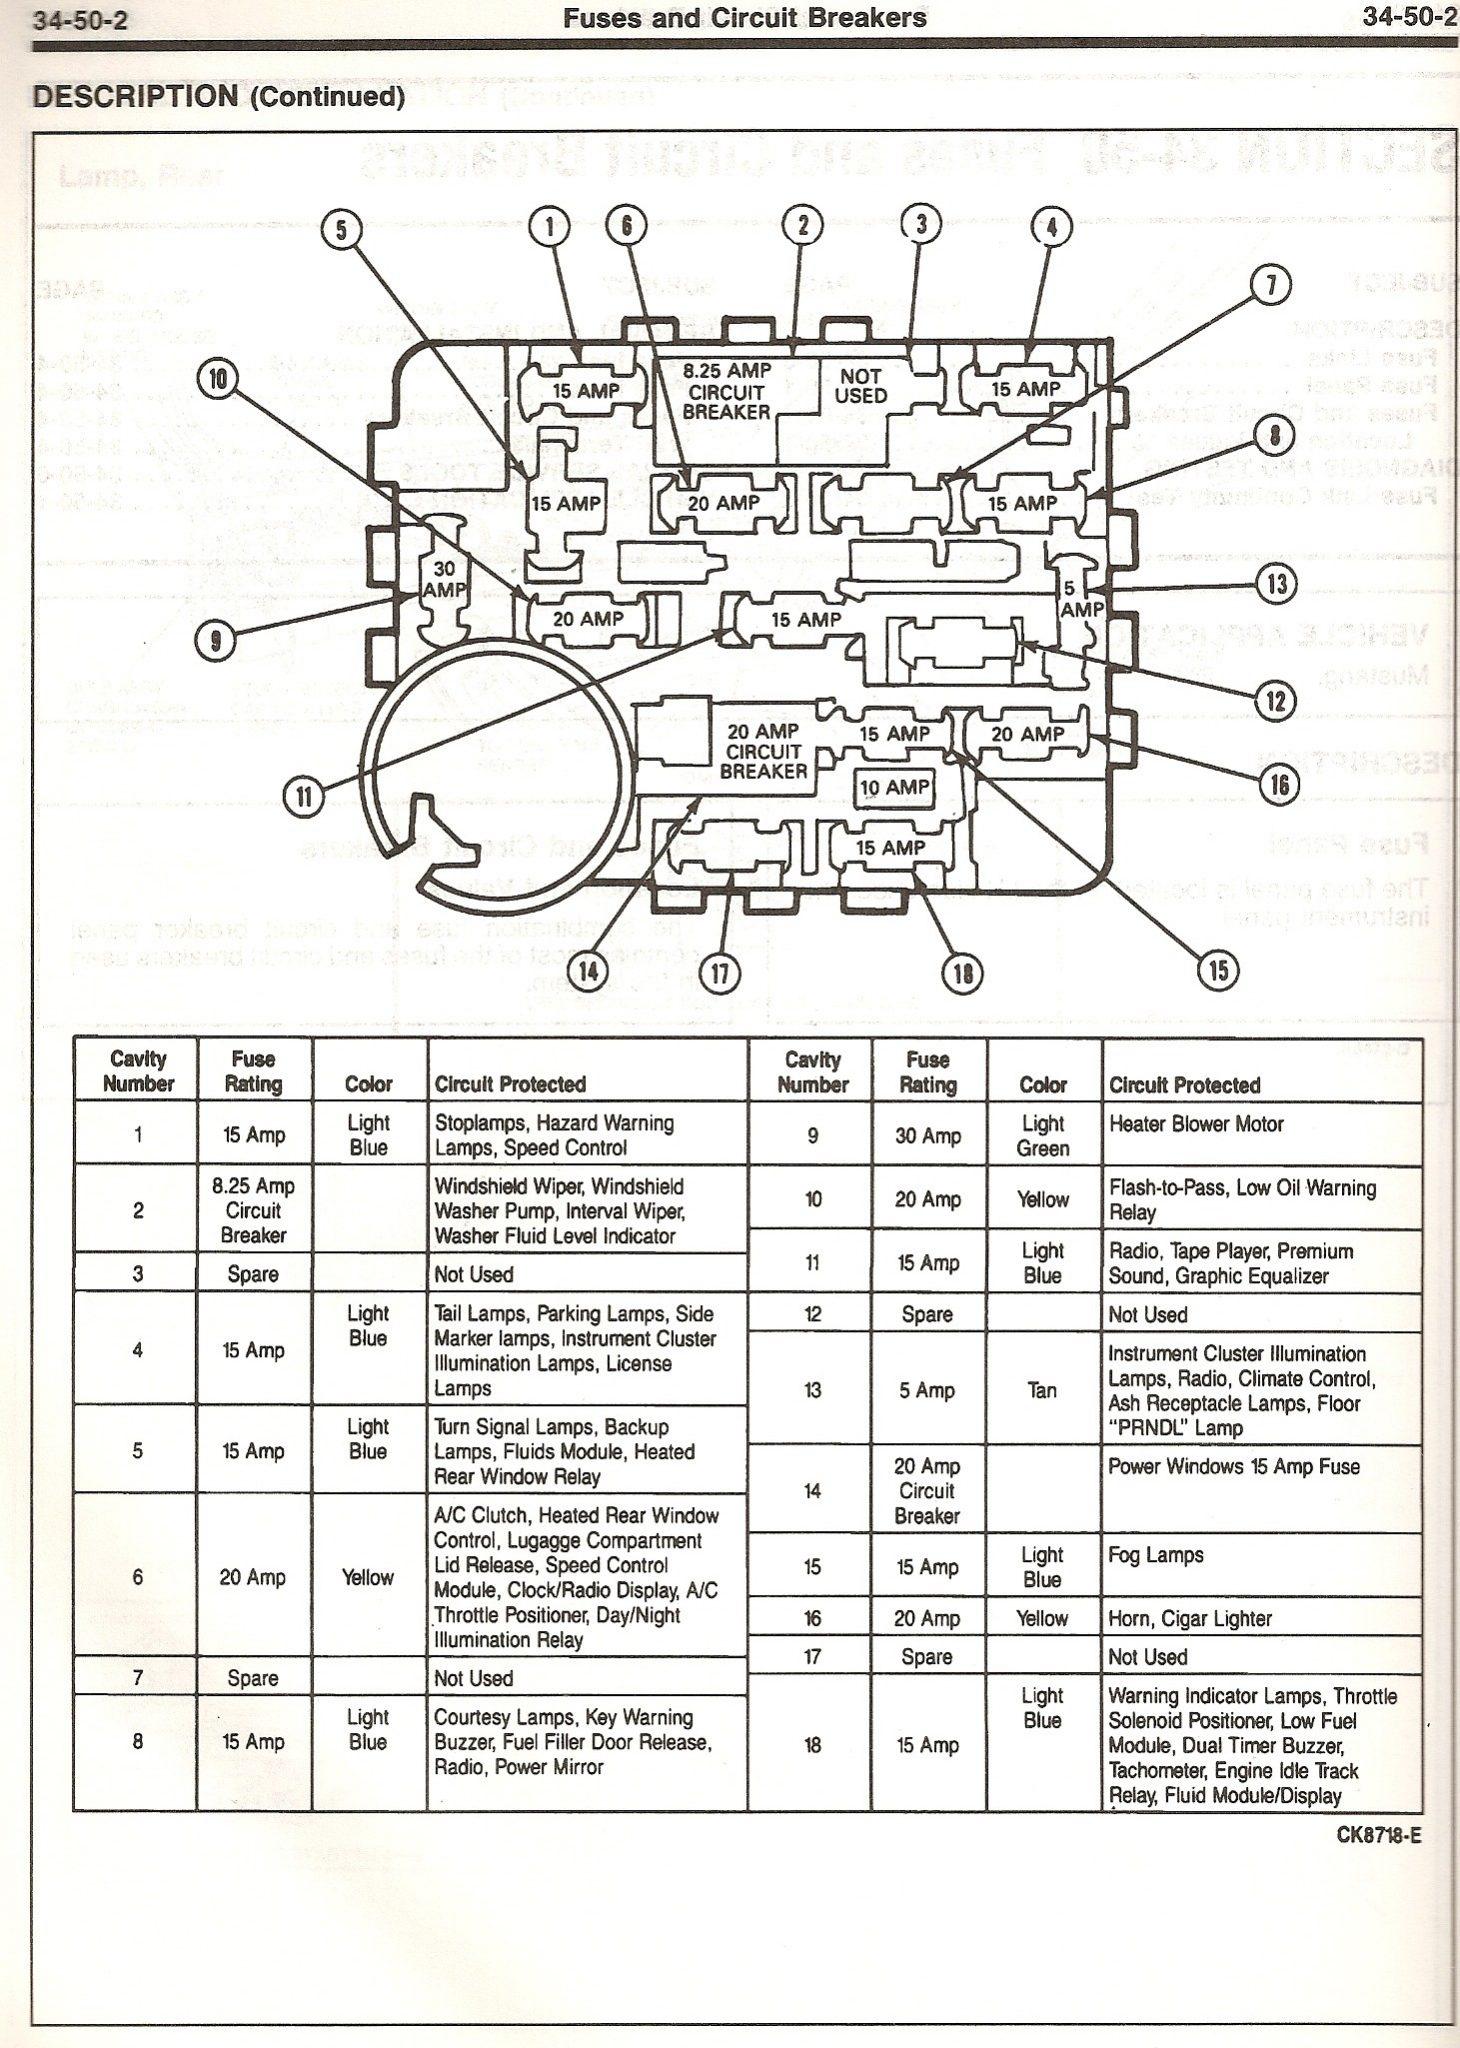 93 mustang fuse diagram wiring diagram rh s44 com 1 de